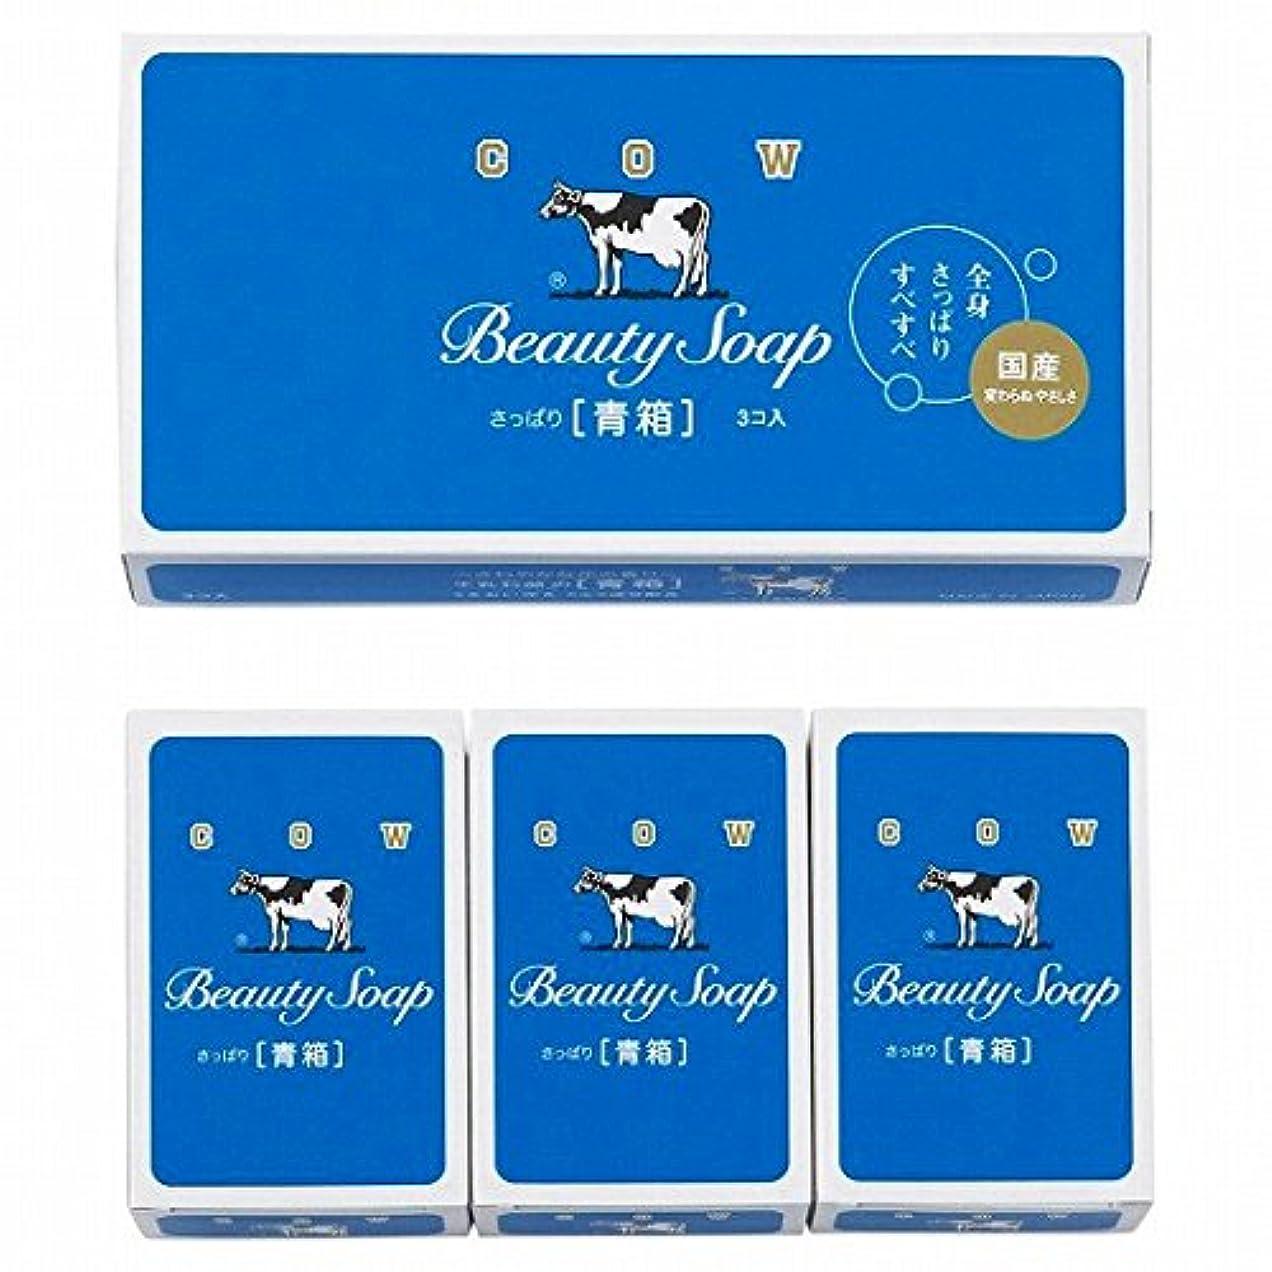 偽物敵対的パスポートnobrand 牛乳石鹸 カウブランド青箱3入(B17-033)